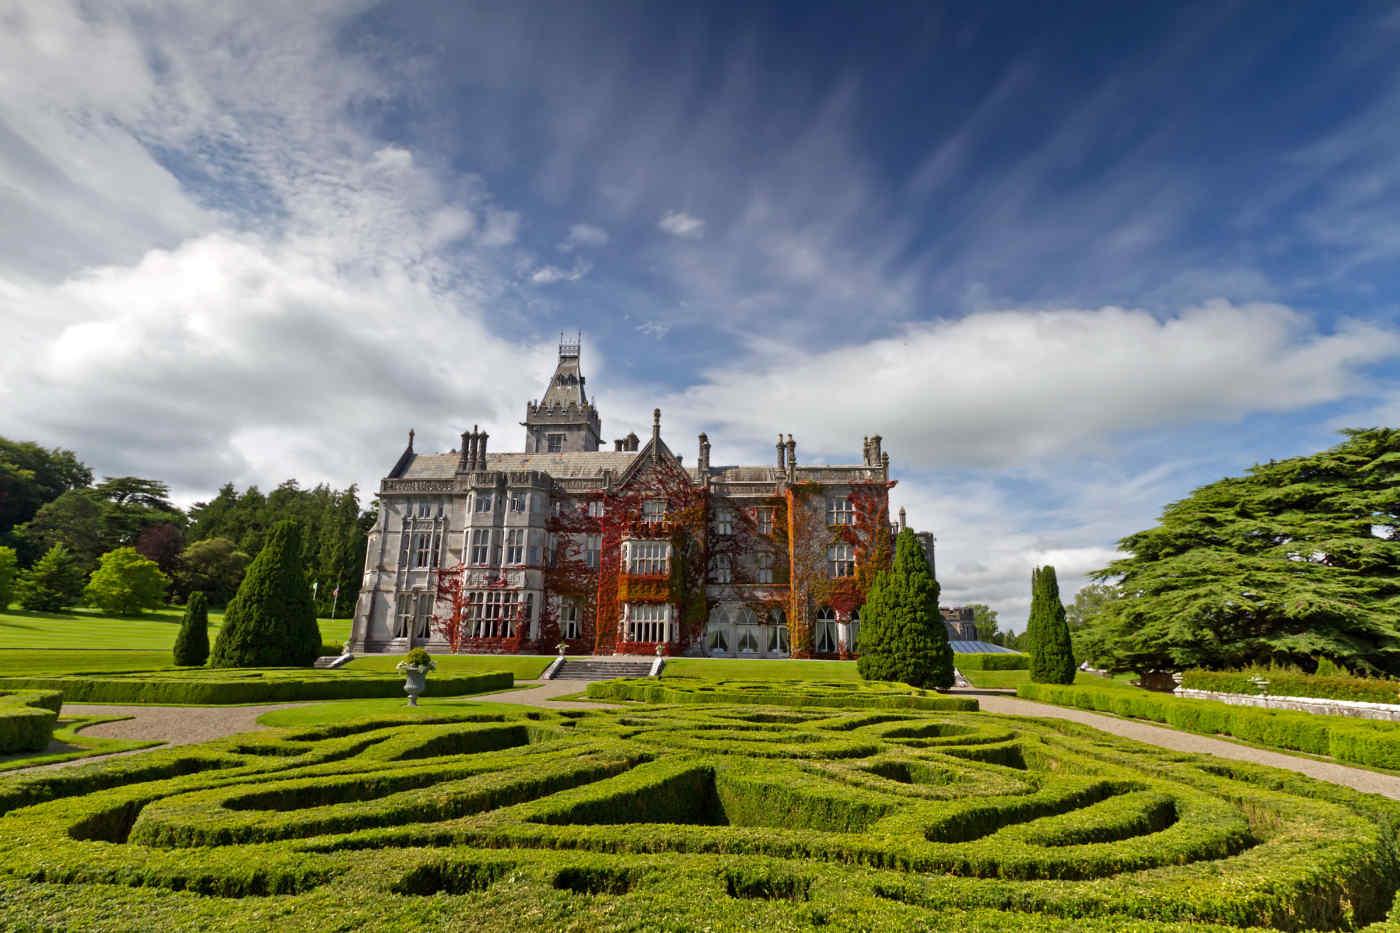 Adare Manor Garden